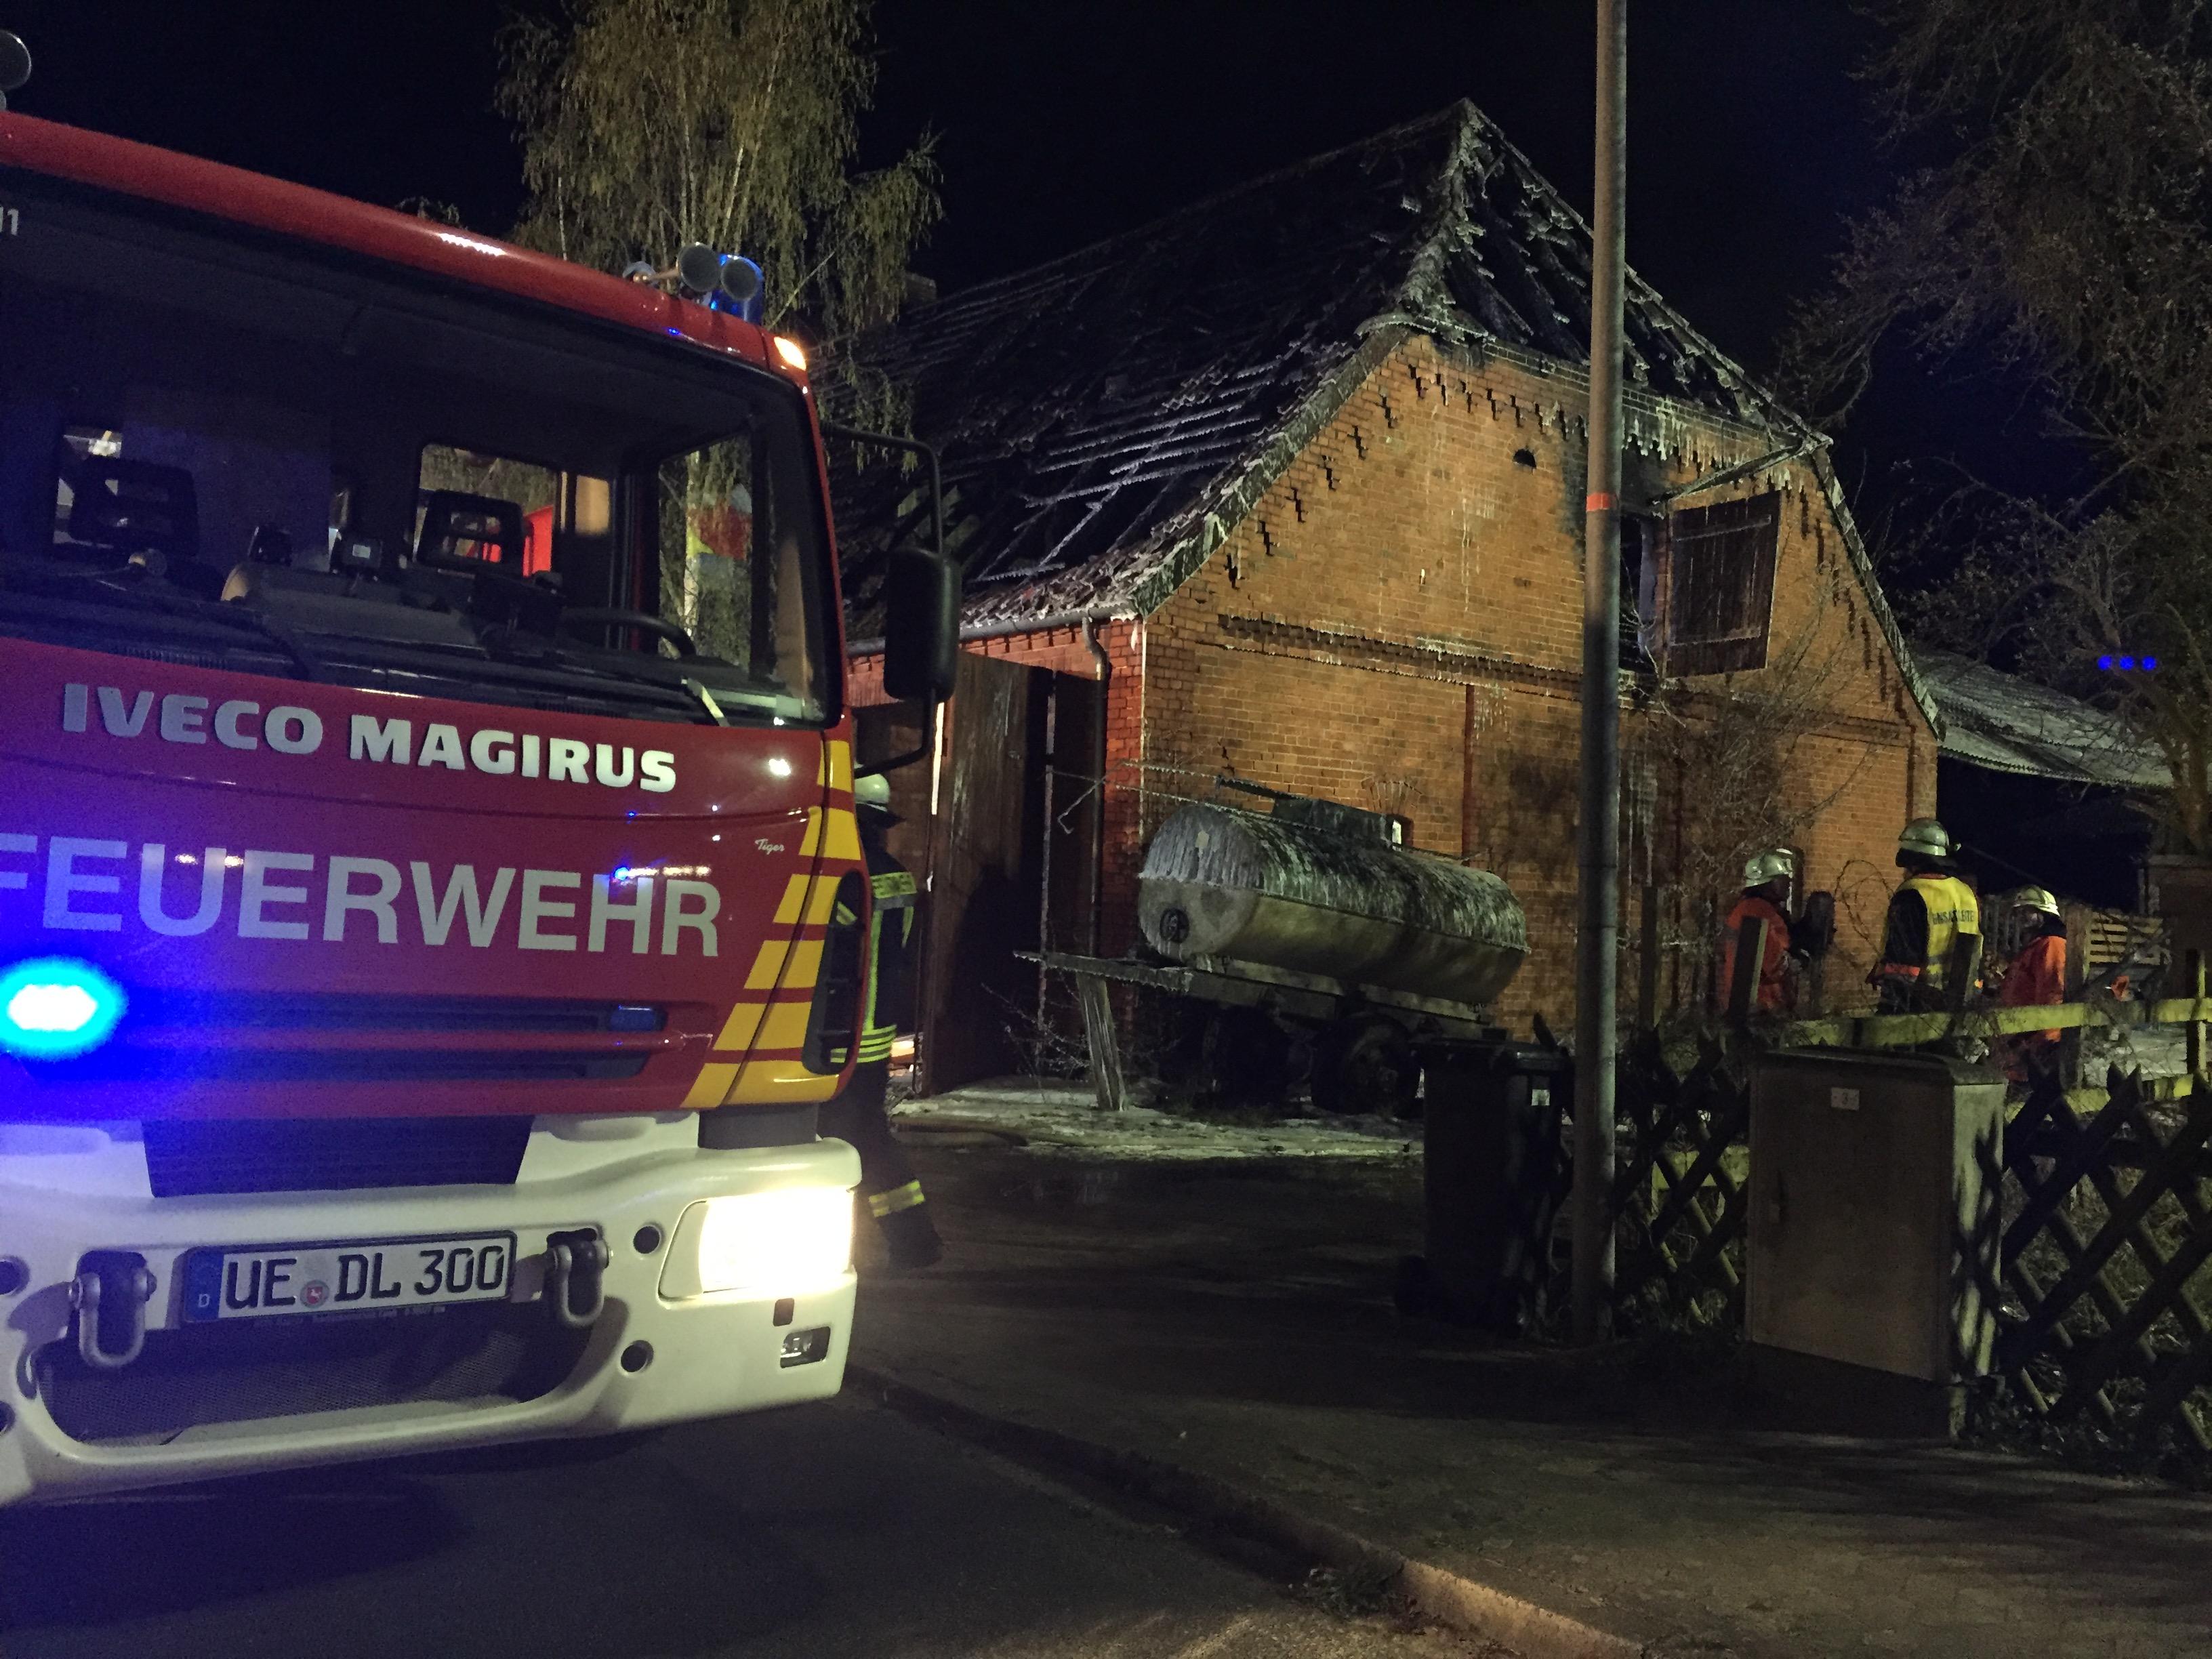 088. F2Y - Wohnhausbrand - Menschenleben in Gefahr